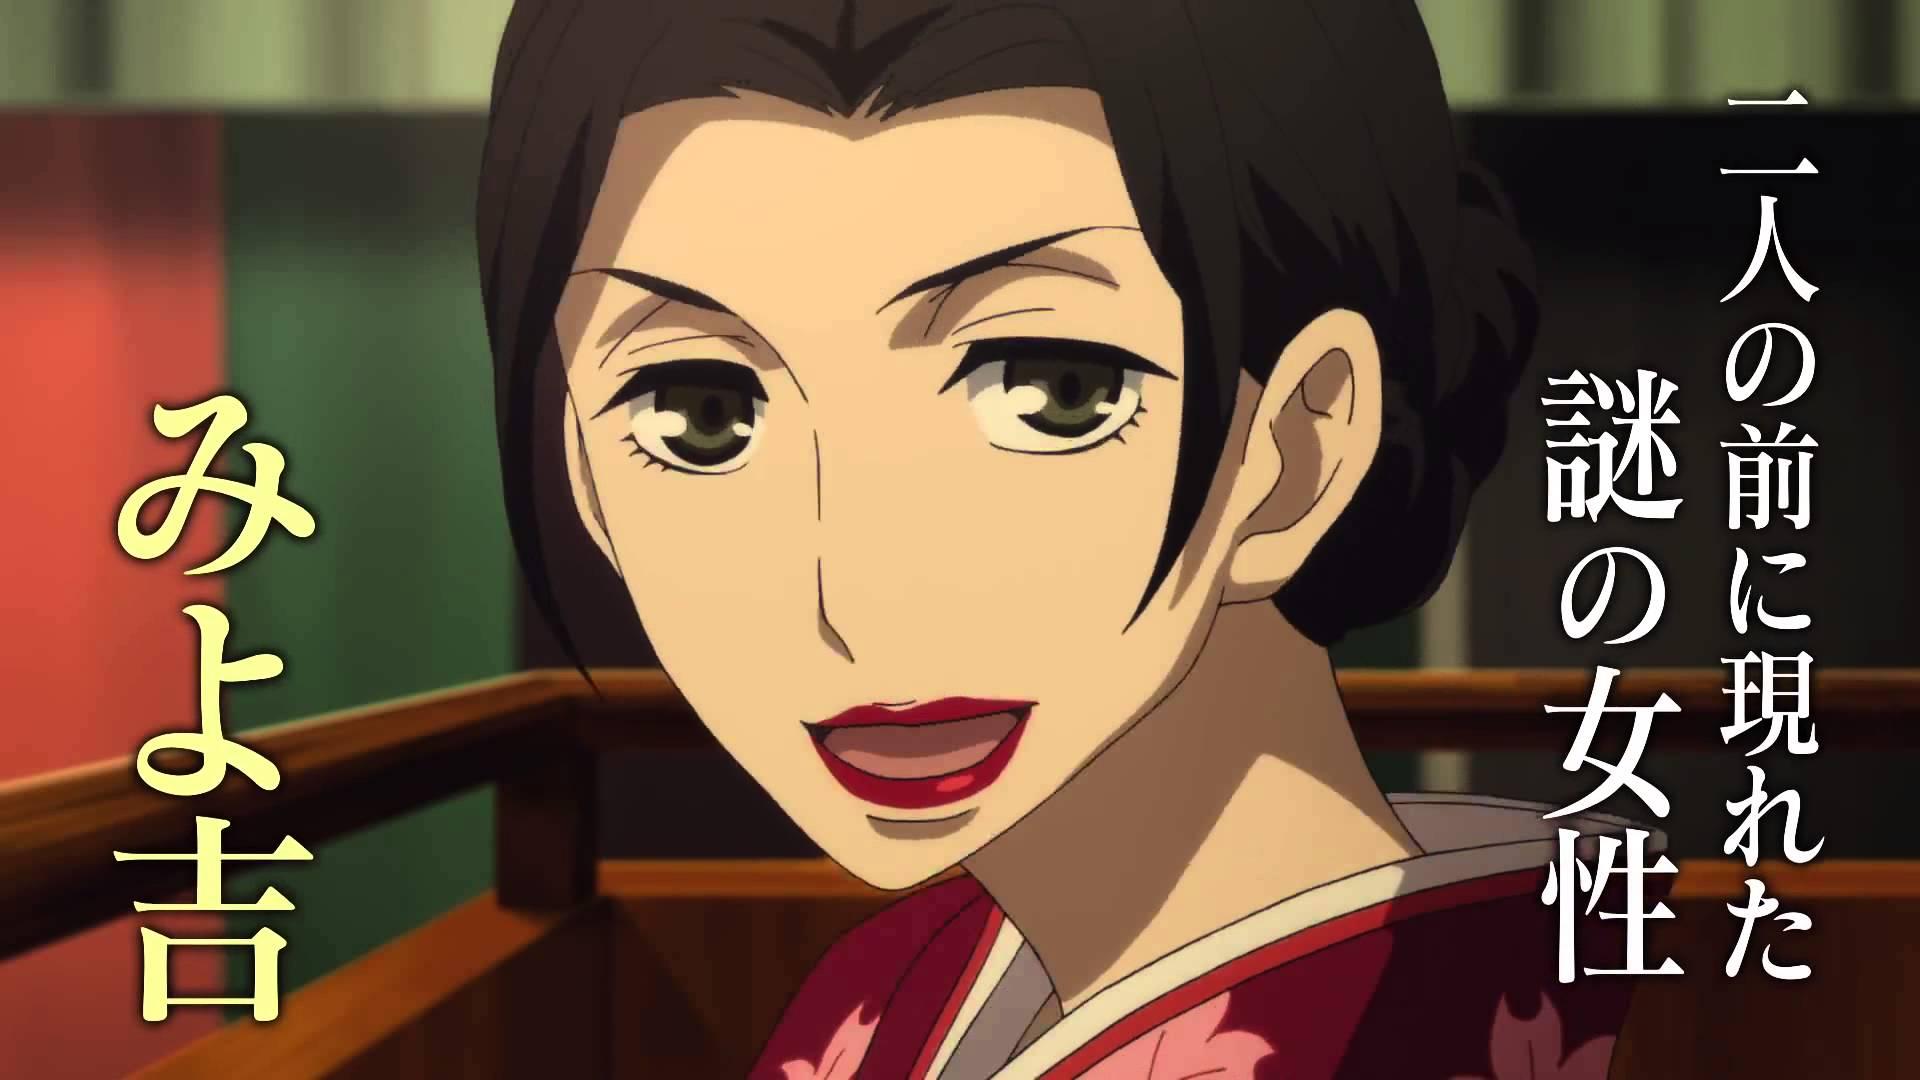 Shouwa Genroku Rakugo Shinjuu Wallpapers Anime Hq Shouwa Genroku